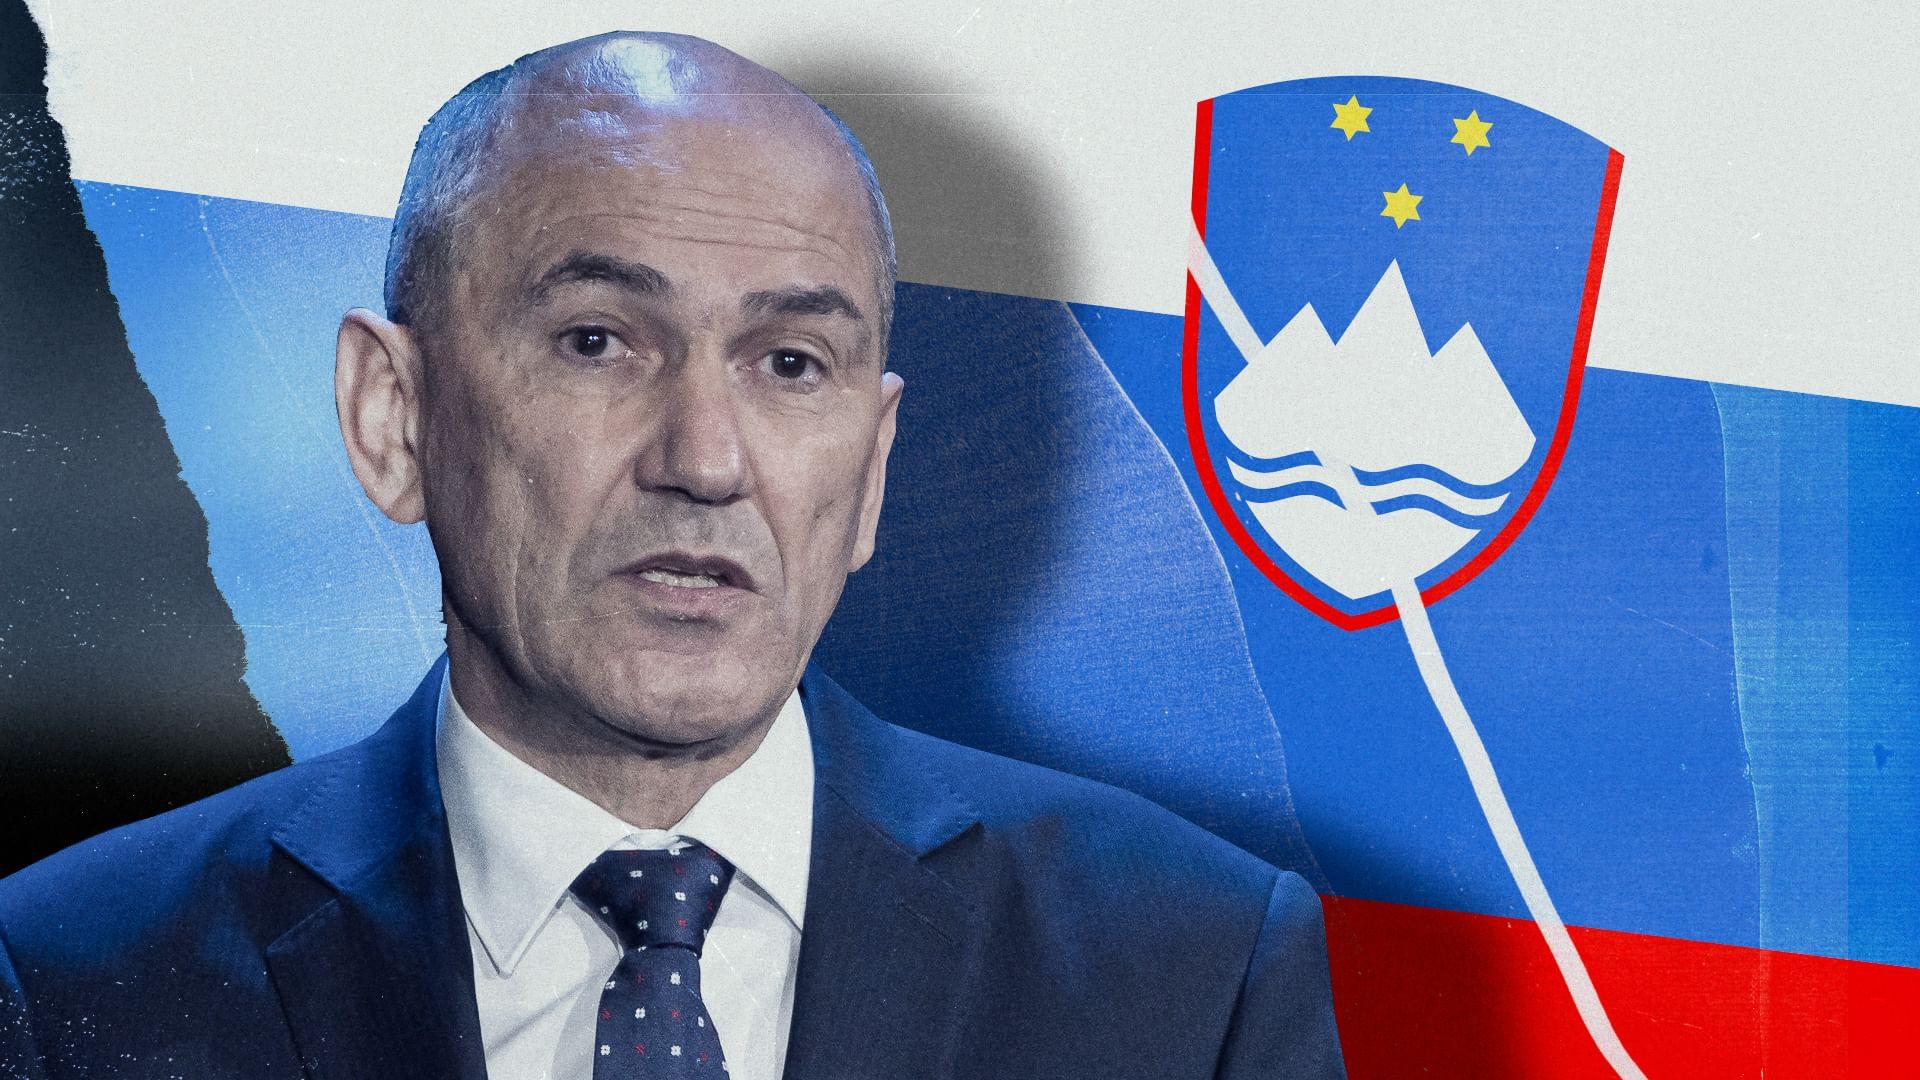 La Slovénie de Janez Janša prend les commandes de l'UE